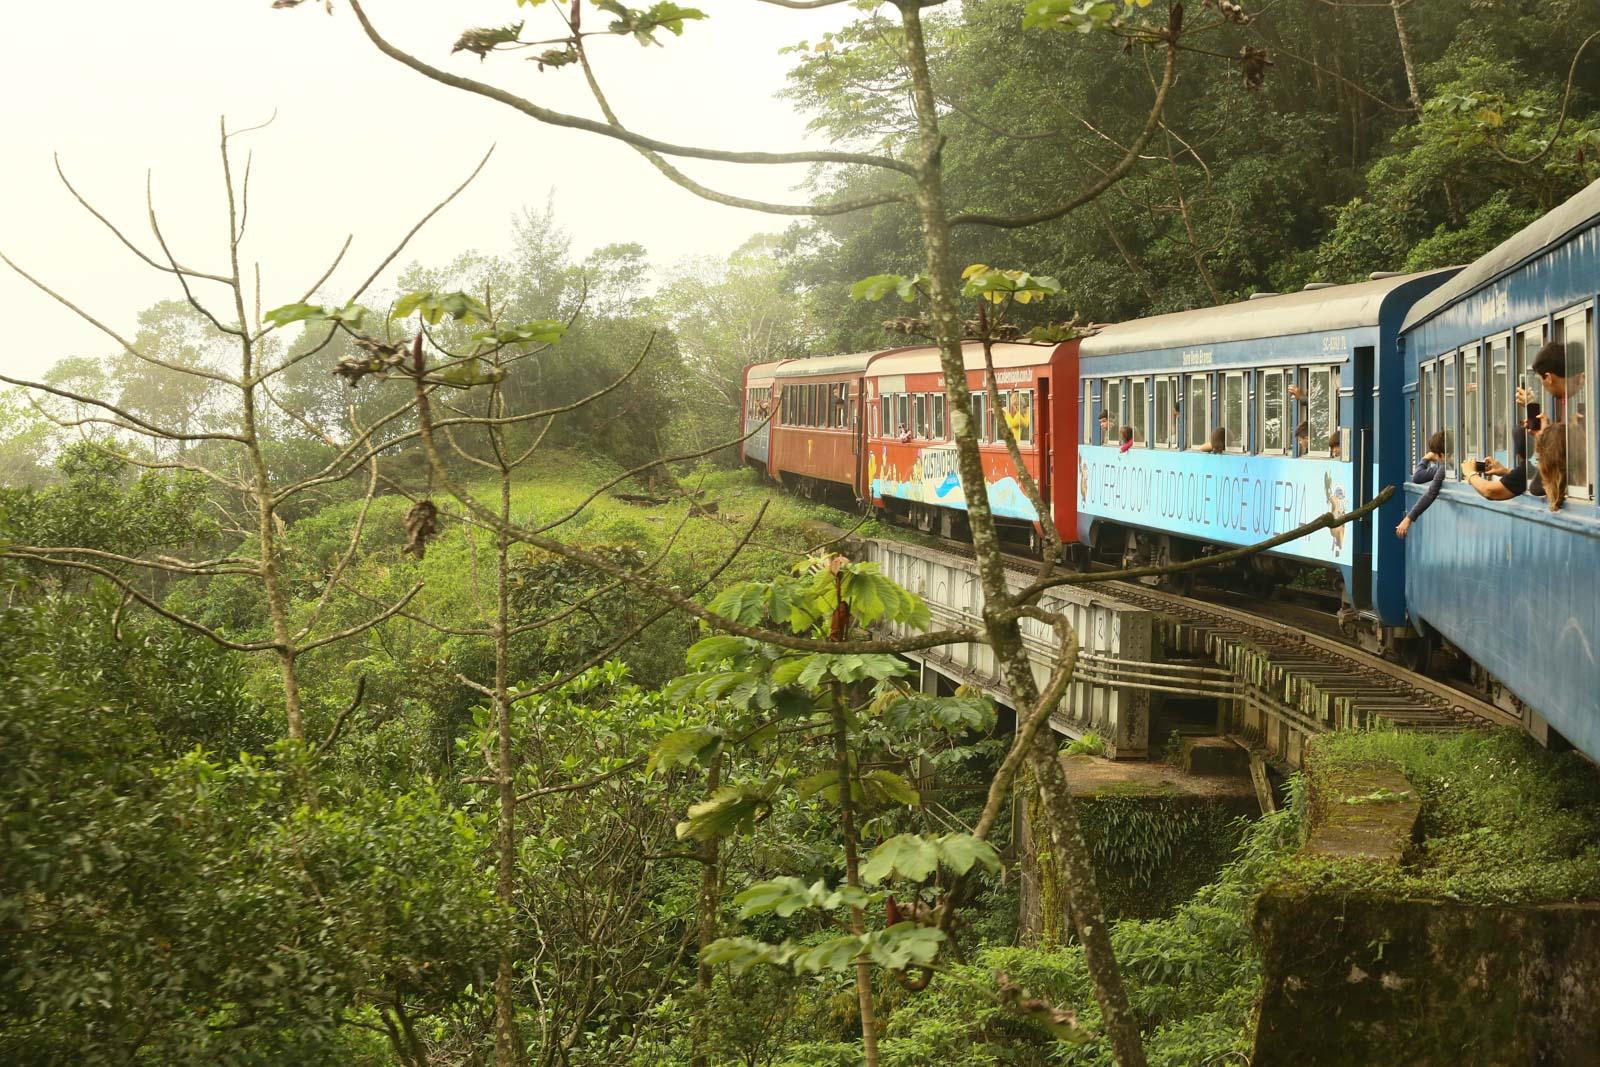 Passeio de trem de Curitiba para Morretes e que fazer e turismo em Curitiba